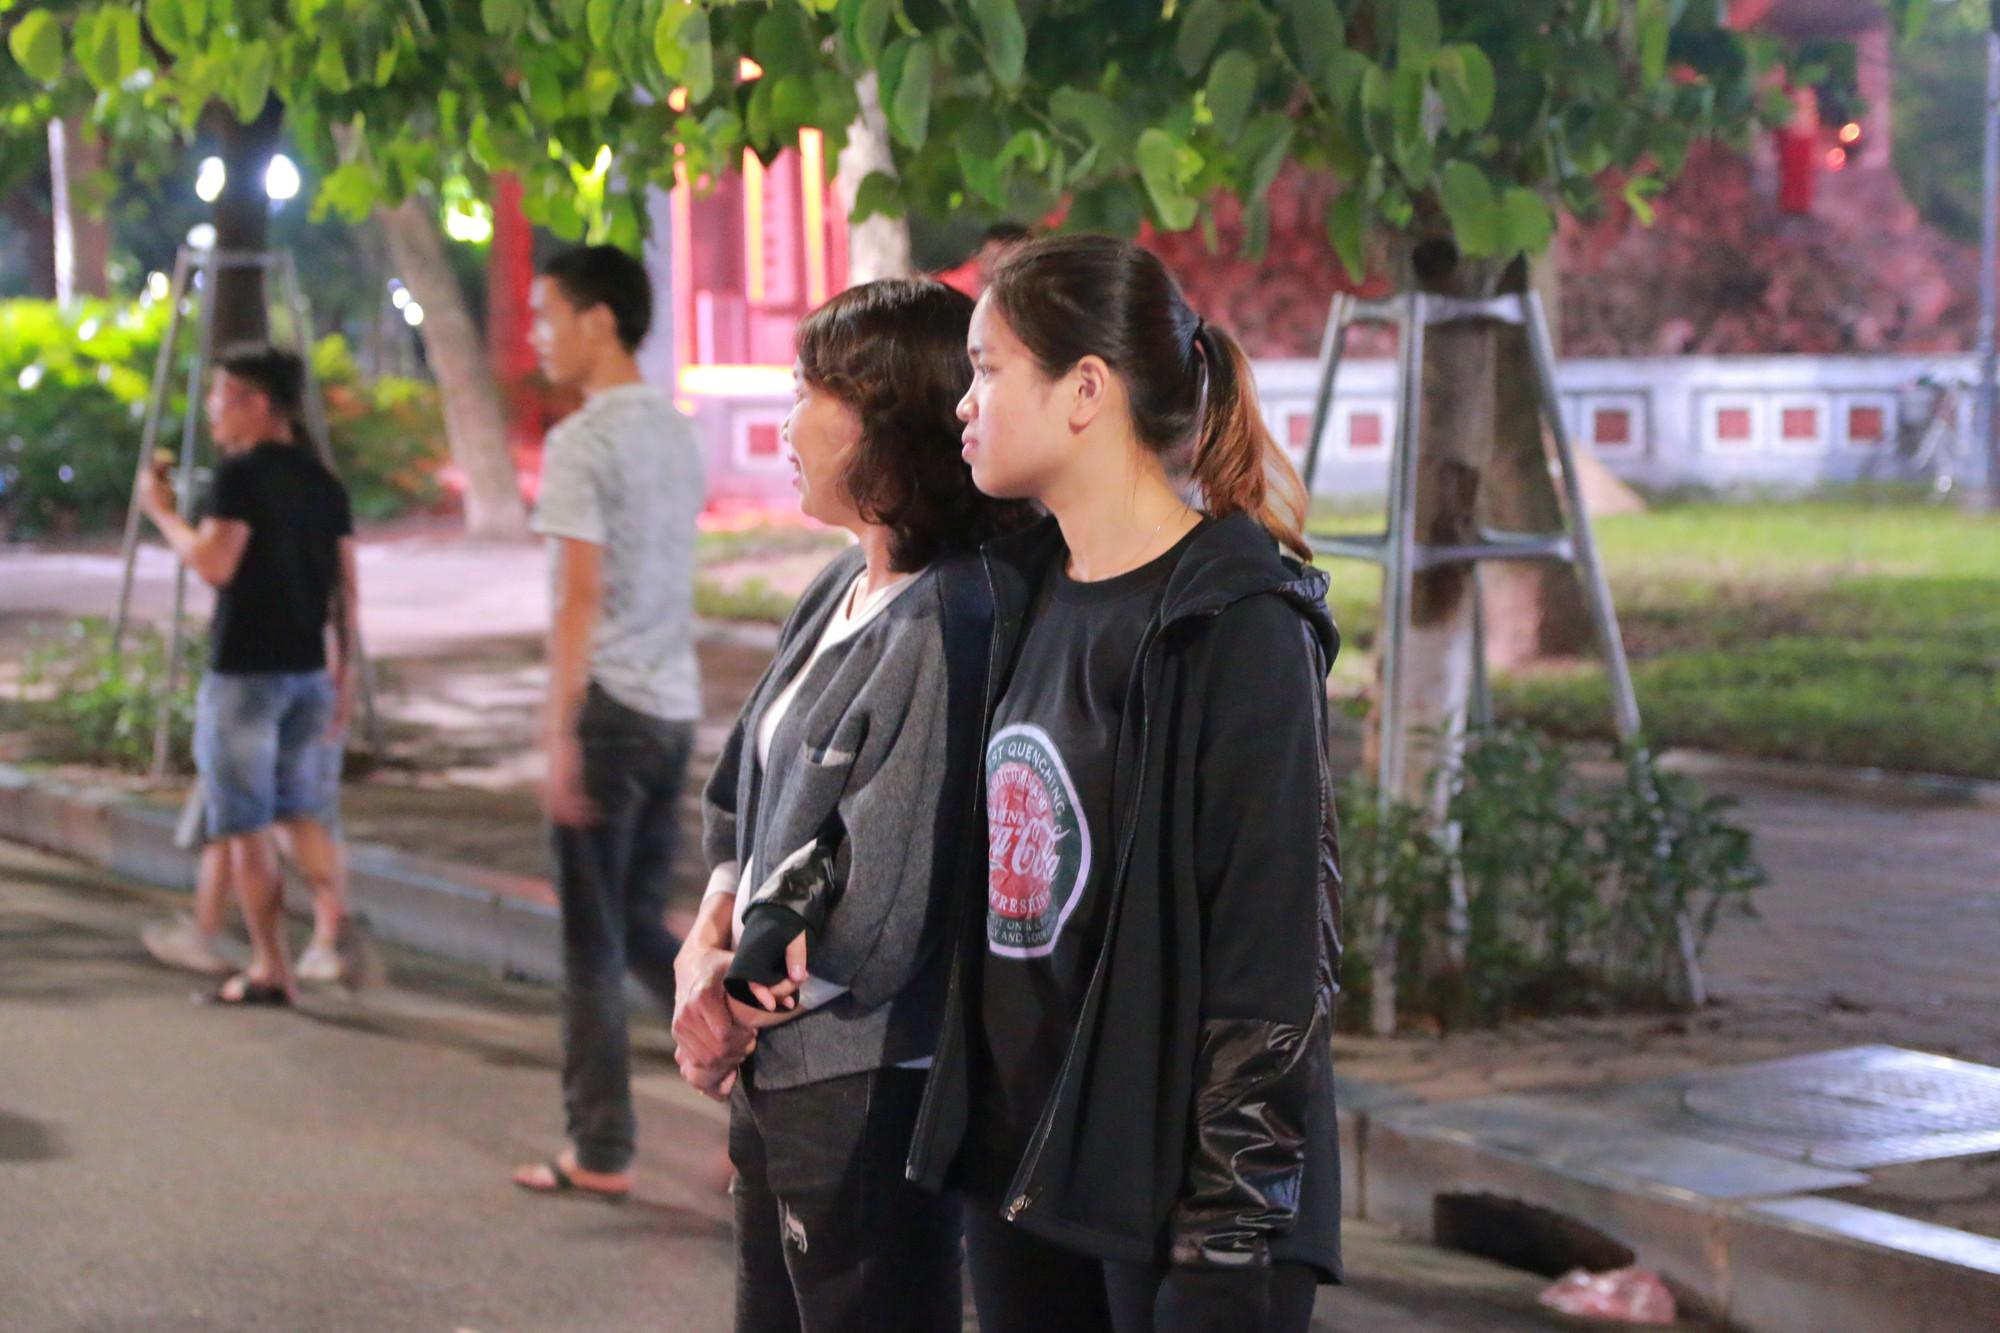 Nhiệt độ Hà Nội đột ngột giảm mạnh, người dân mặc áo ấm ra đường - Ảnh 4.